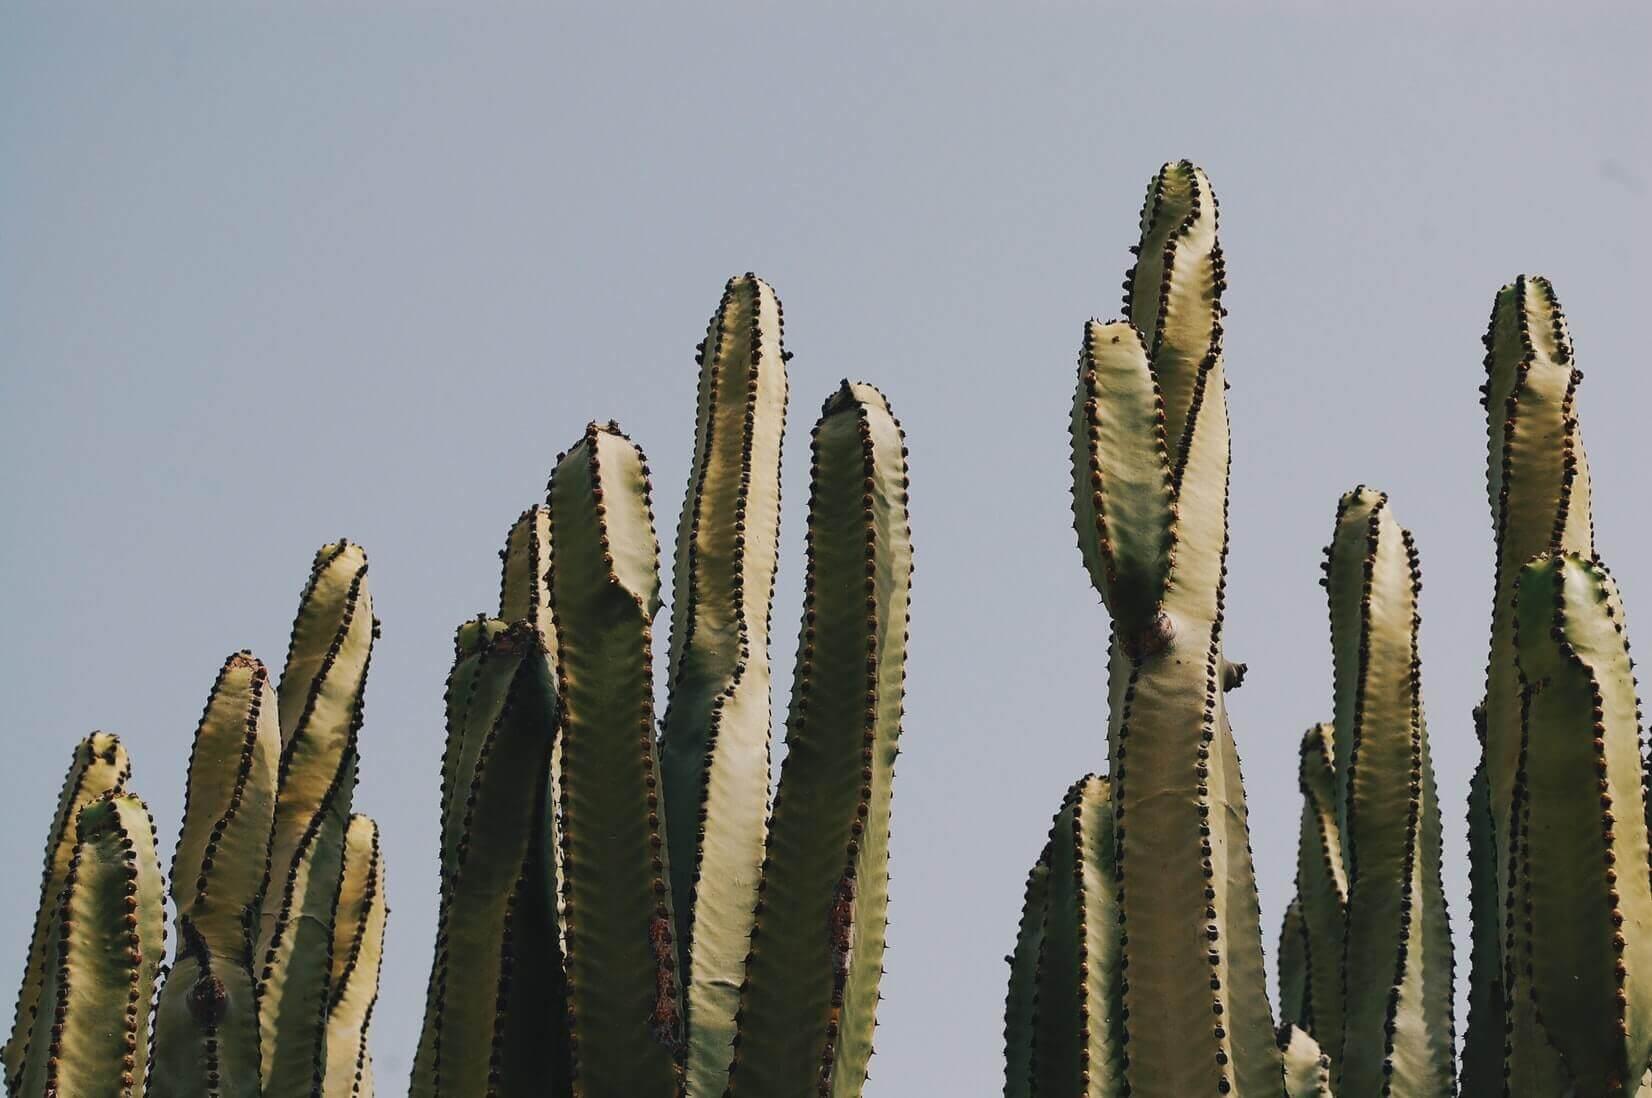 Бюджет в Мехико: тако, текила, мариачи — полный комплект на 5 дней